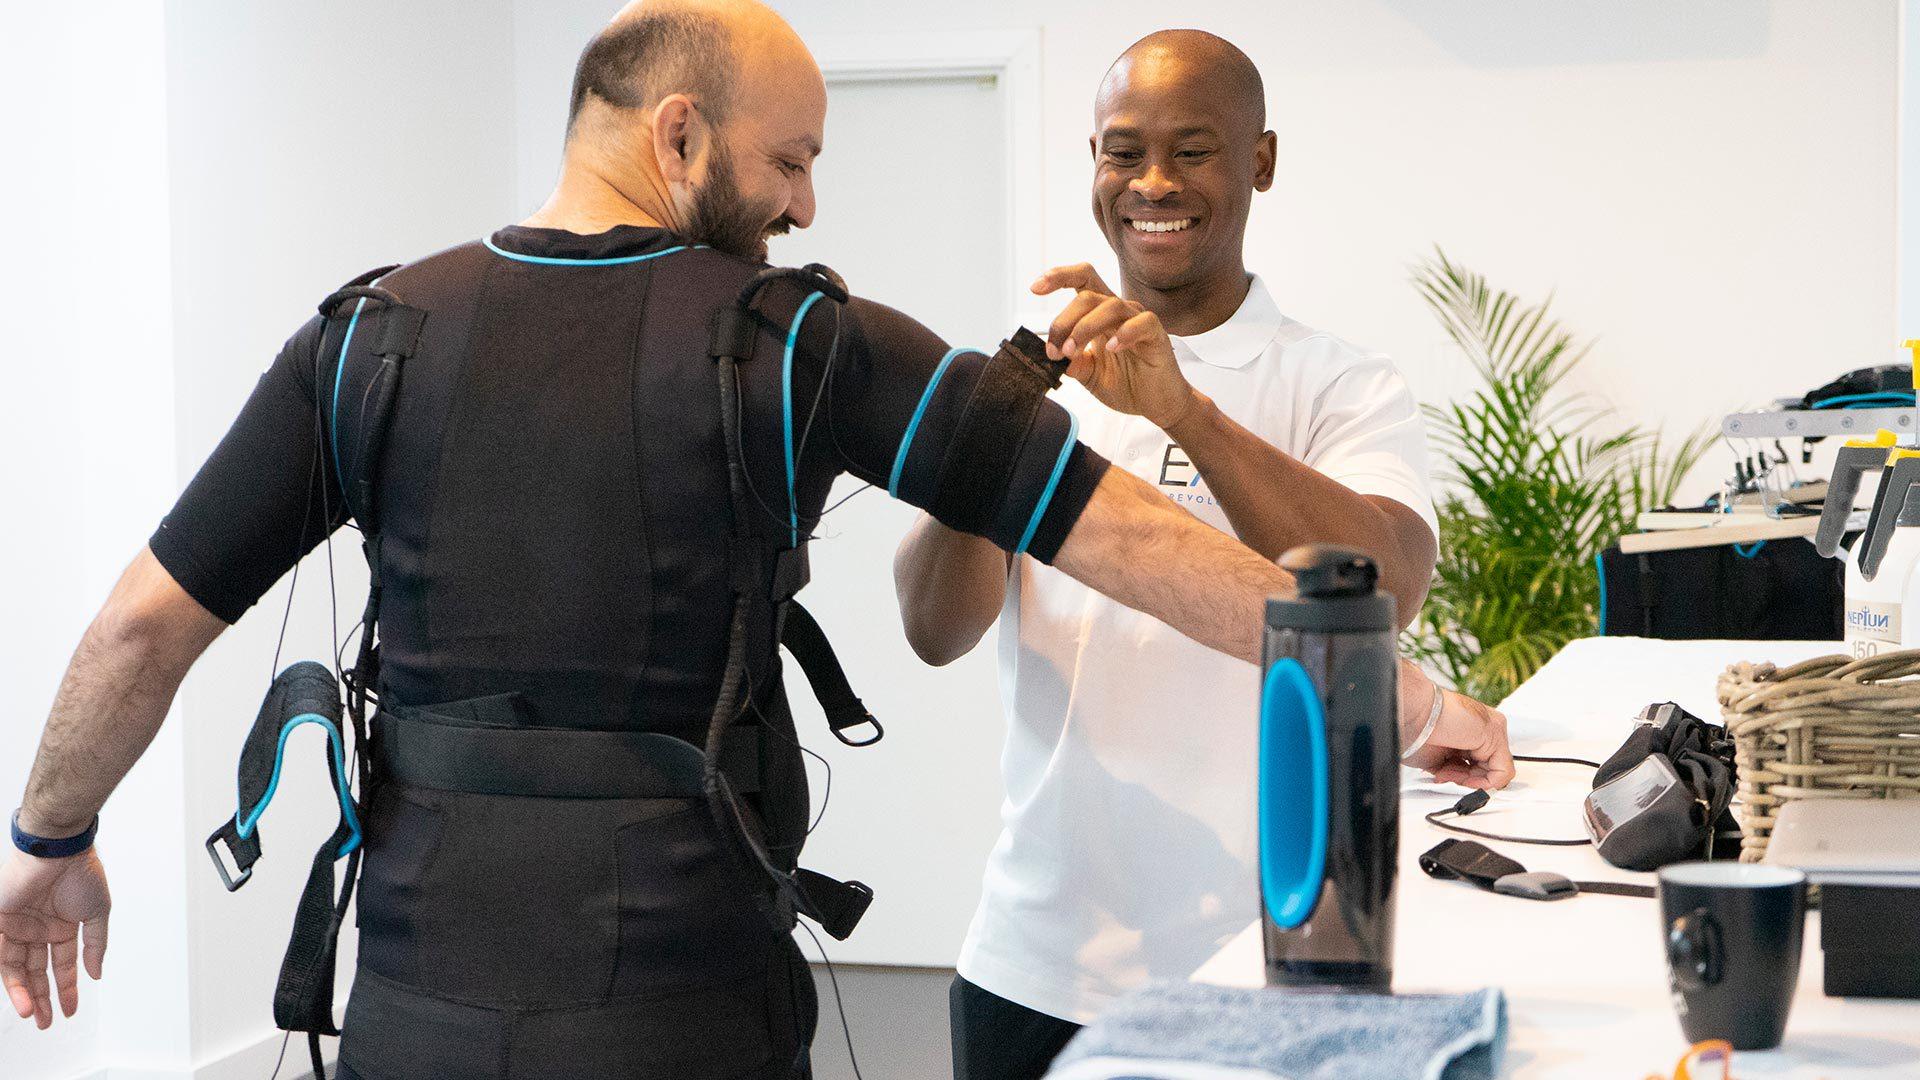 Man die een EMS Pak aan heeft, de personal trainer zorgt ervoor dat het pak op maat wordt ingesteld.